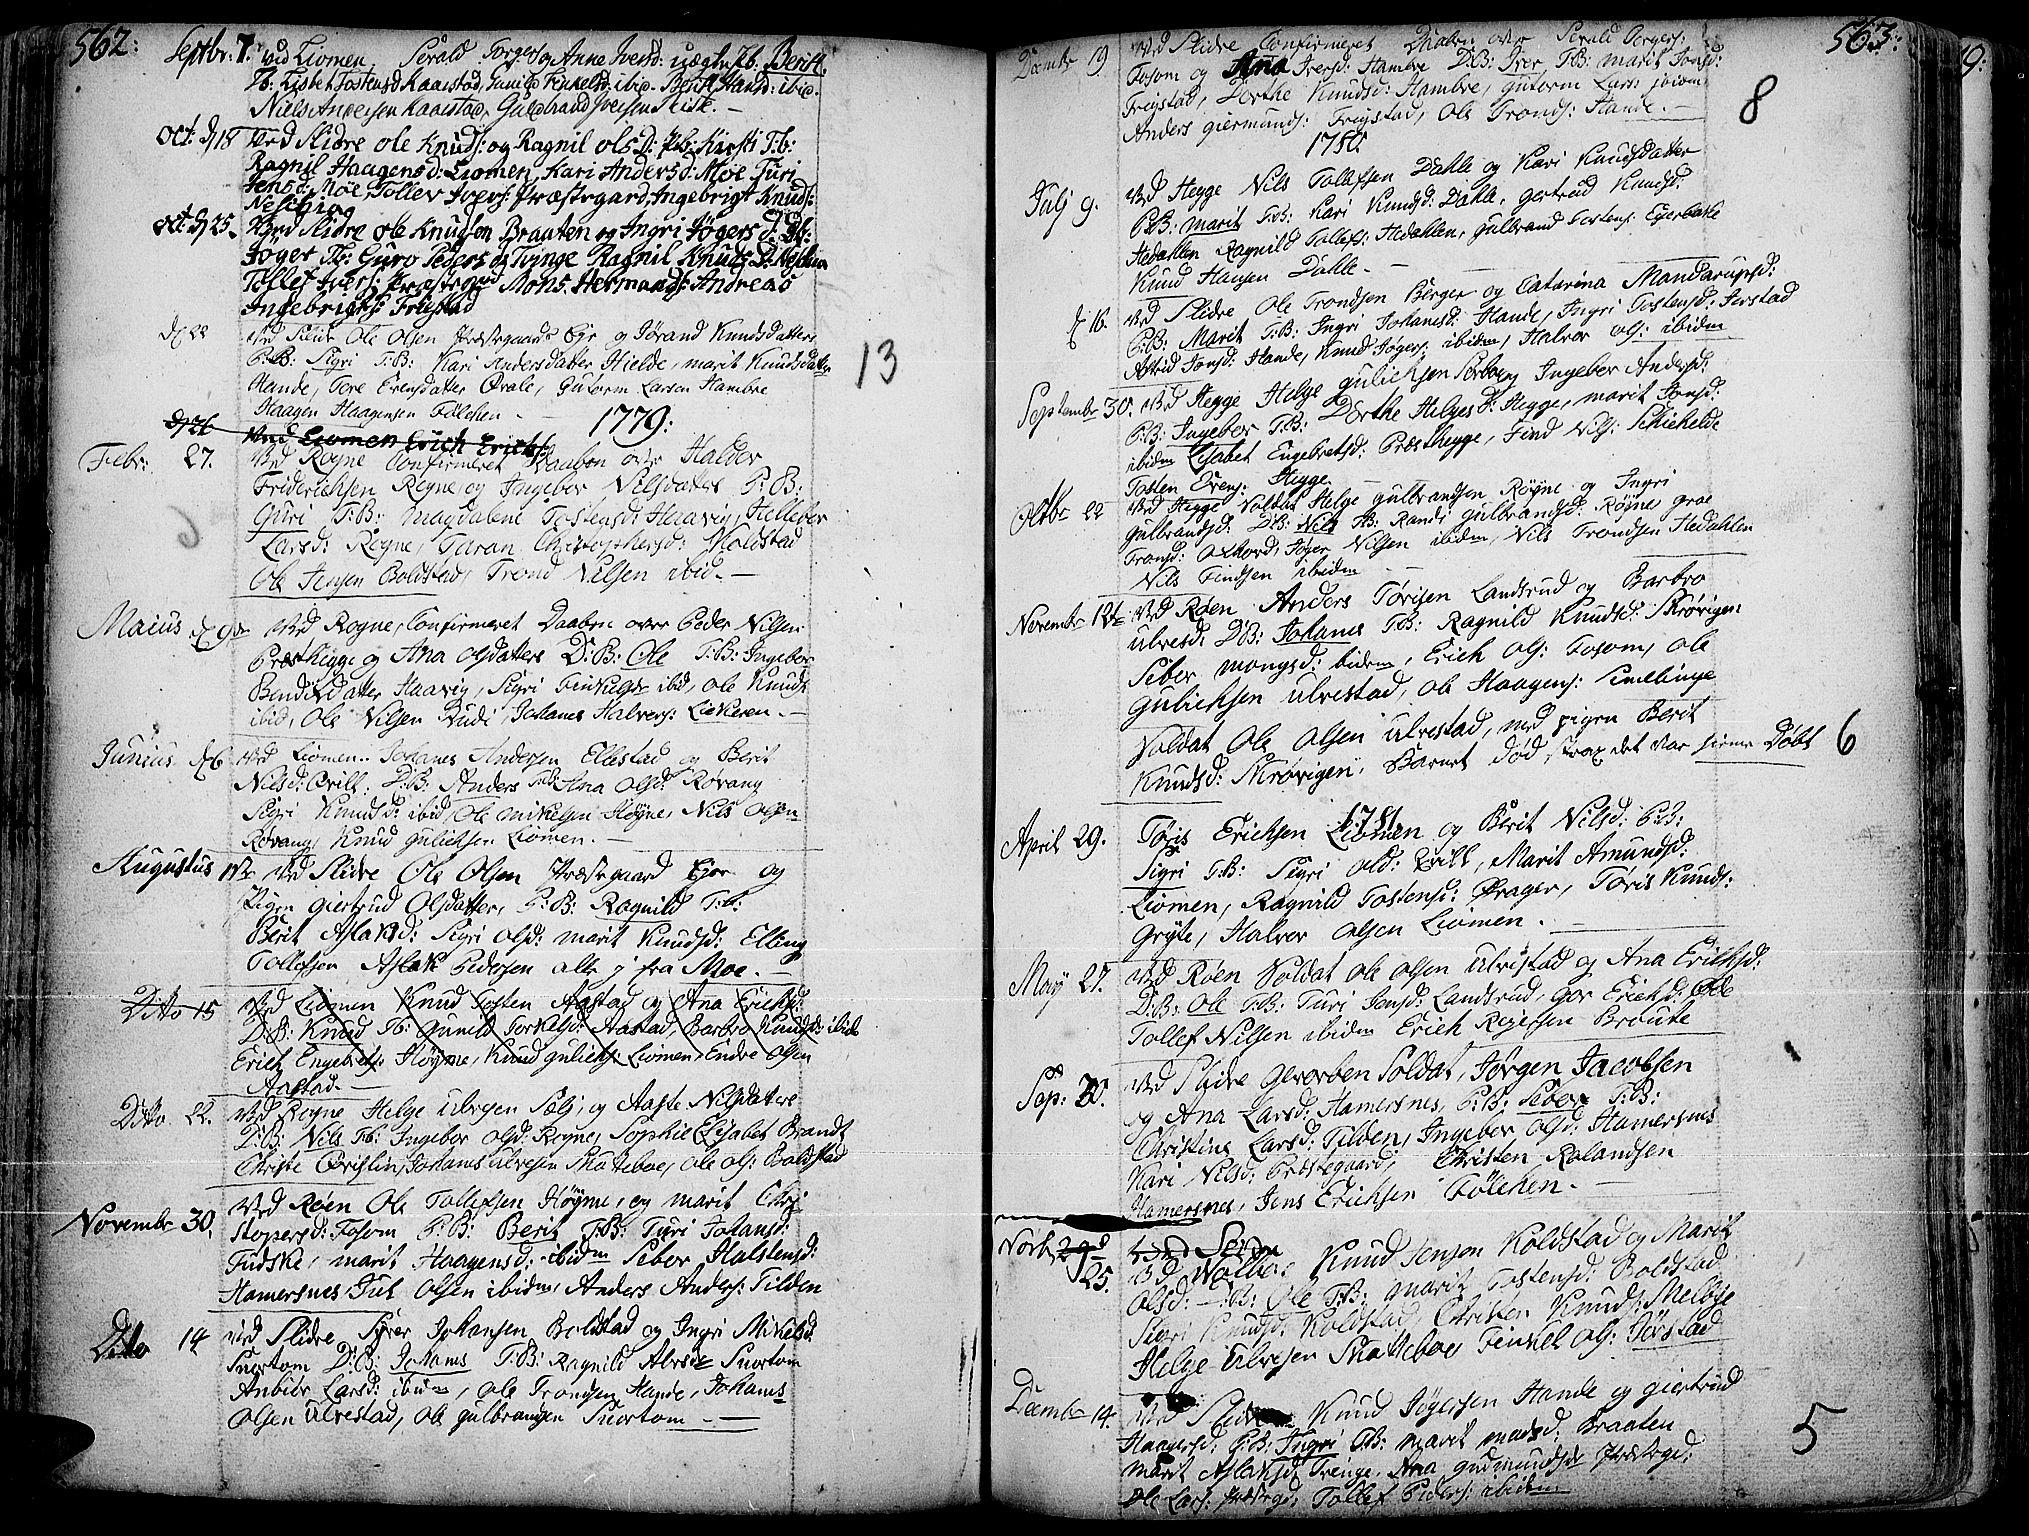 SAH, Slidre prestekontor, Ministerialbok nr. 1, 1724-1814, s. 562-563